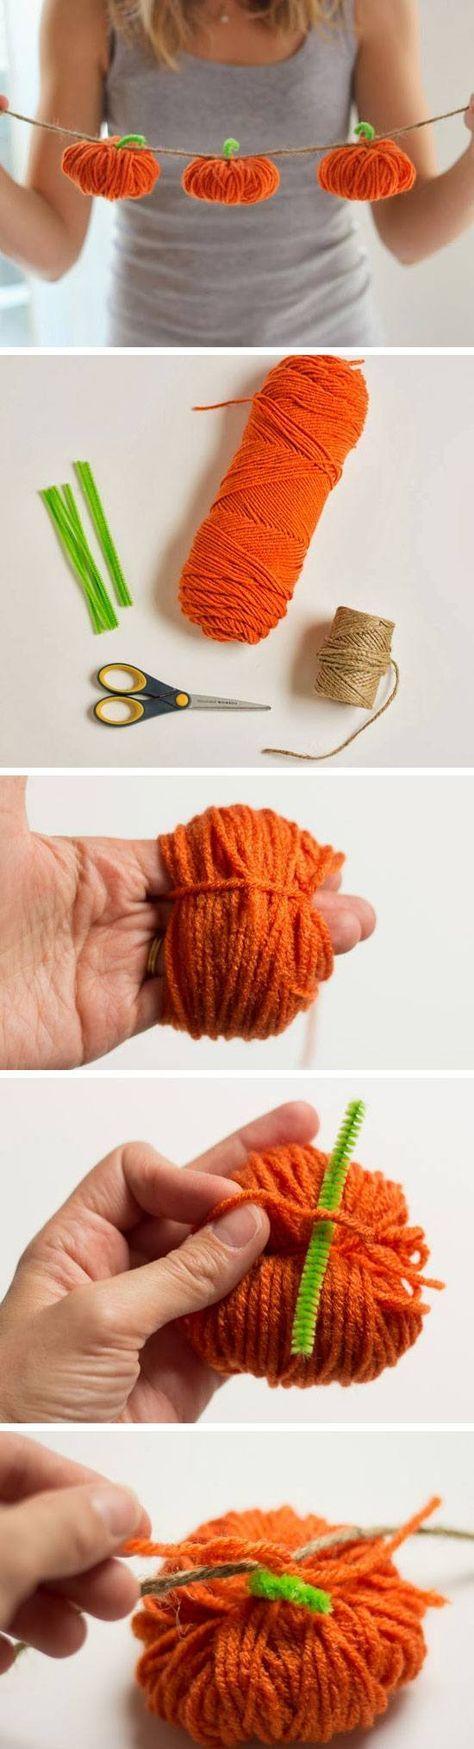 Wil je graag styling advies, kom dan kijken op de website www.littledeer.nl #slinger #papier #garland #creatief